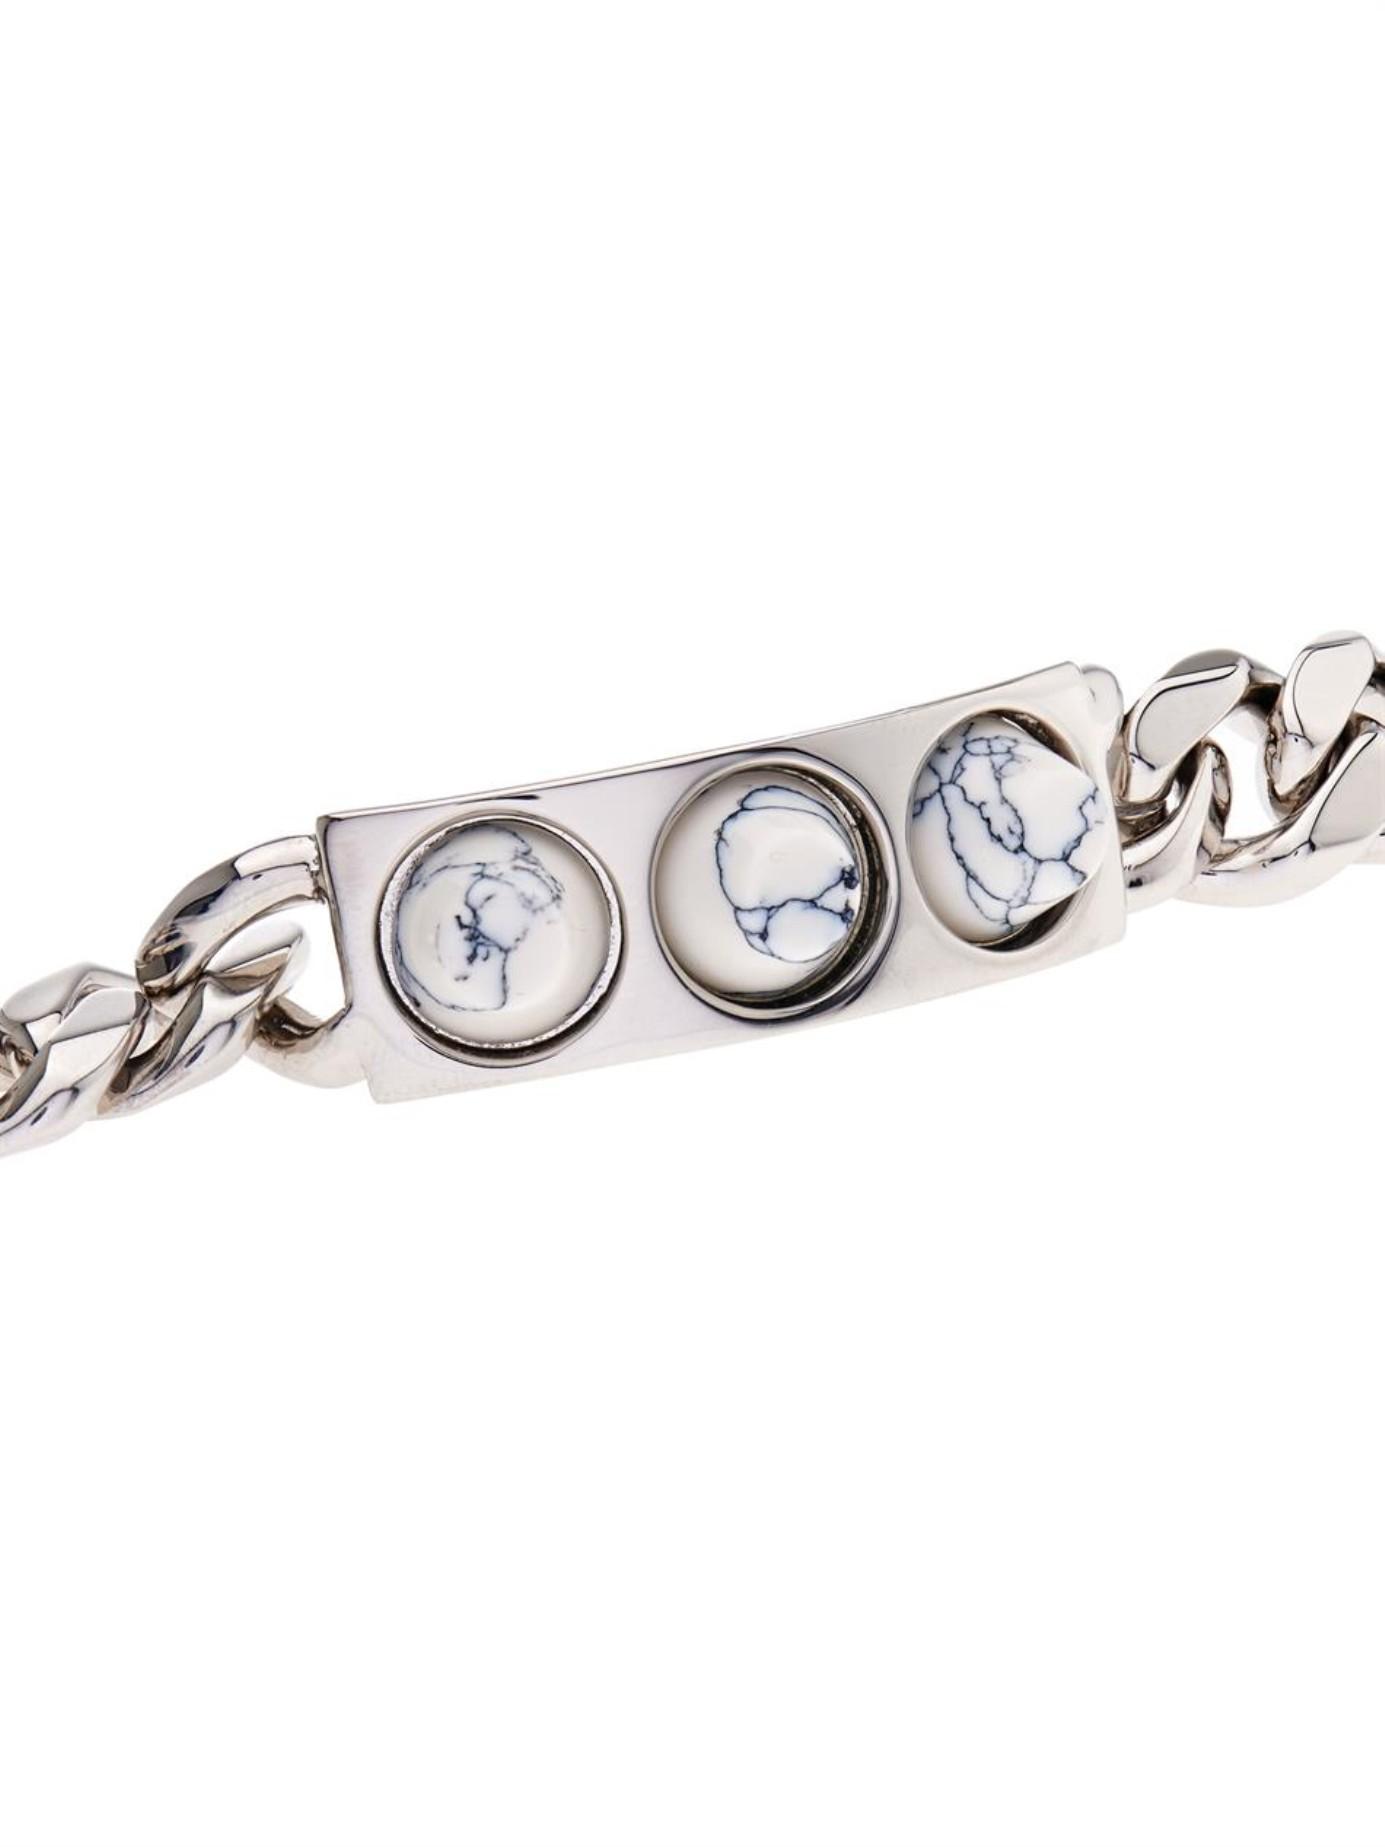 Paris Bracelet Chaîne Embelli Charme-balenciaga e7eDhA